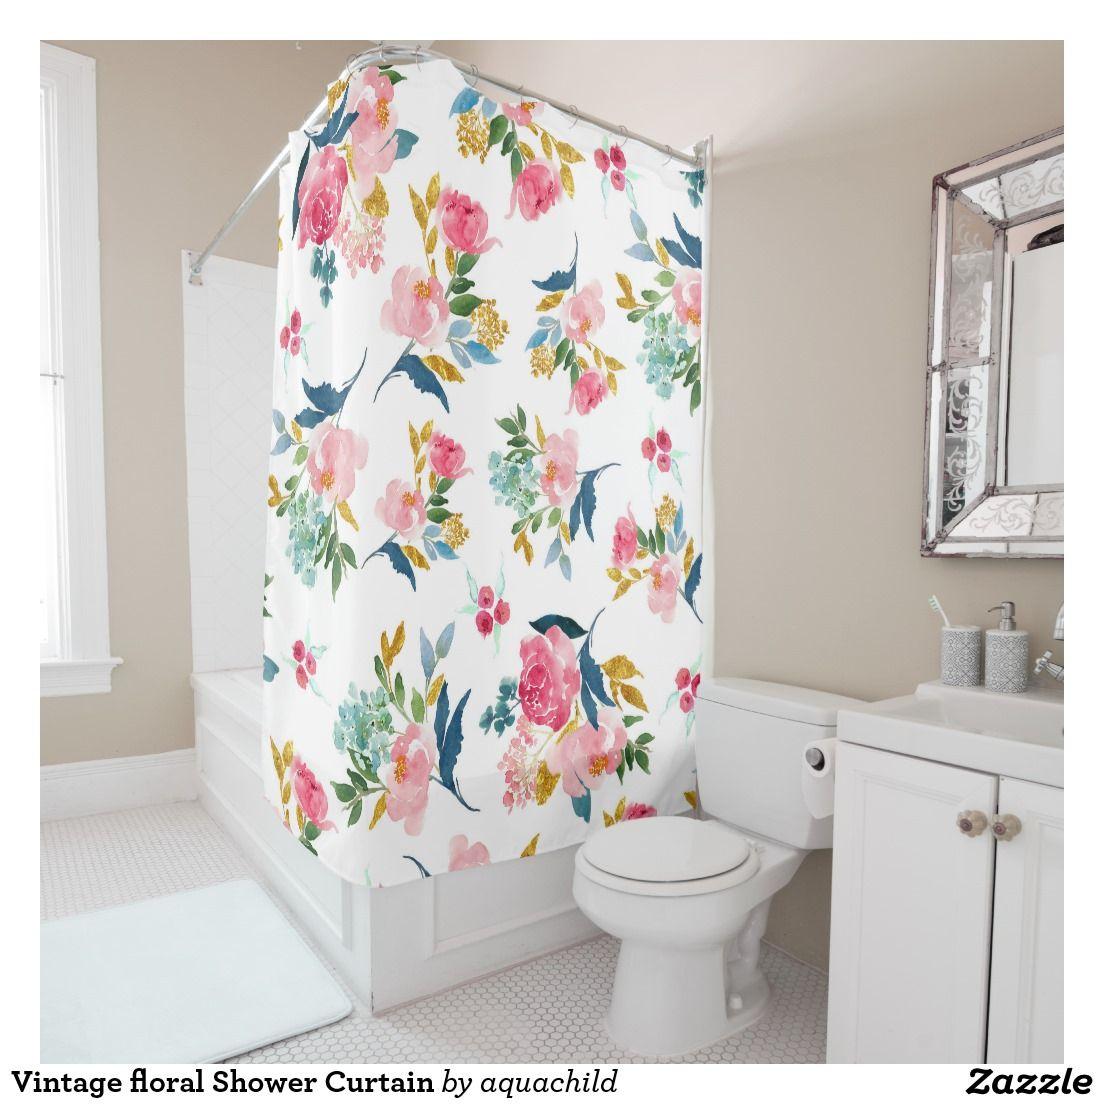 Vintage floral Shower Curtain | Floral shower curtains, Vintage ...